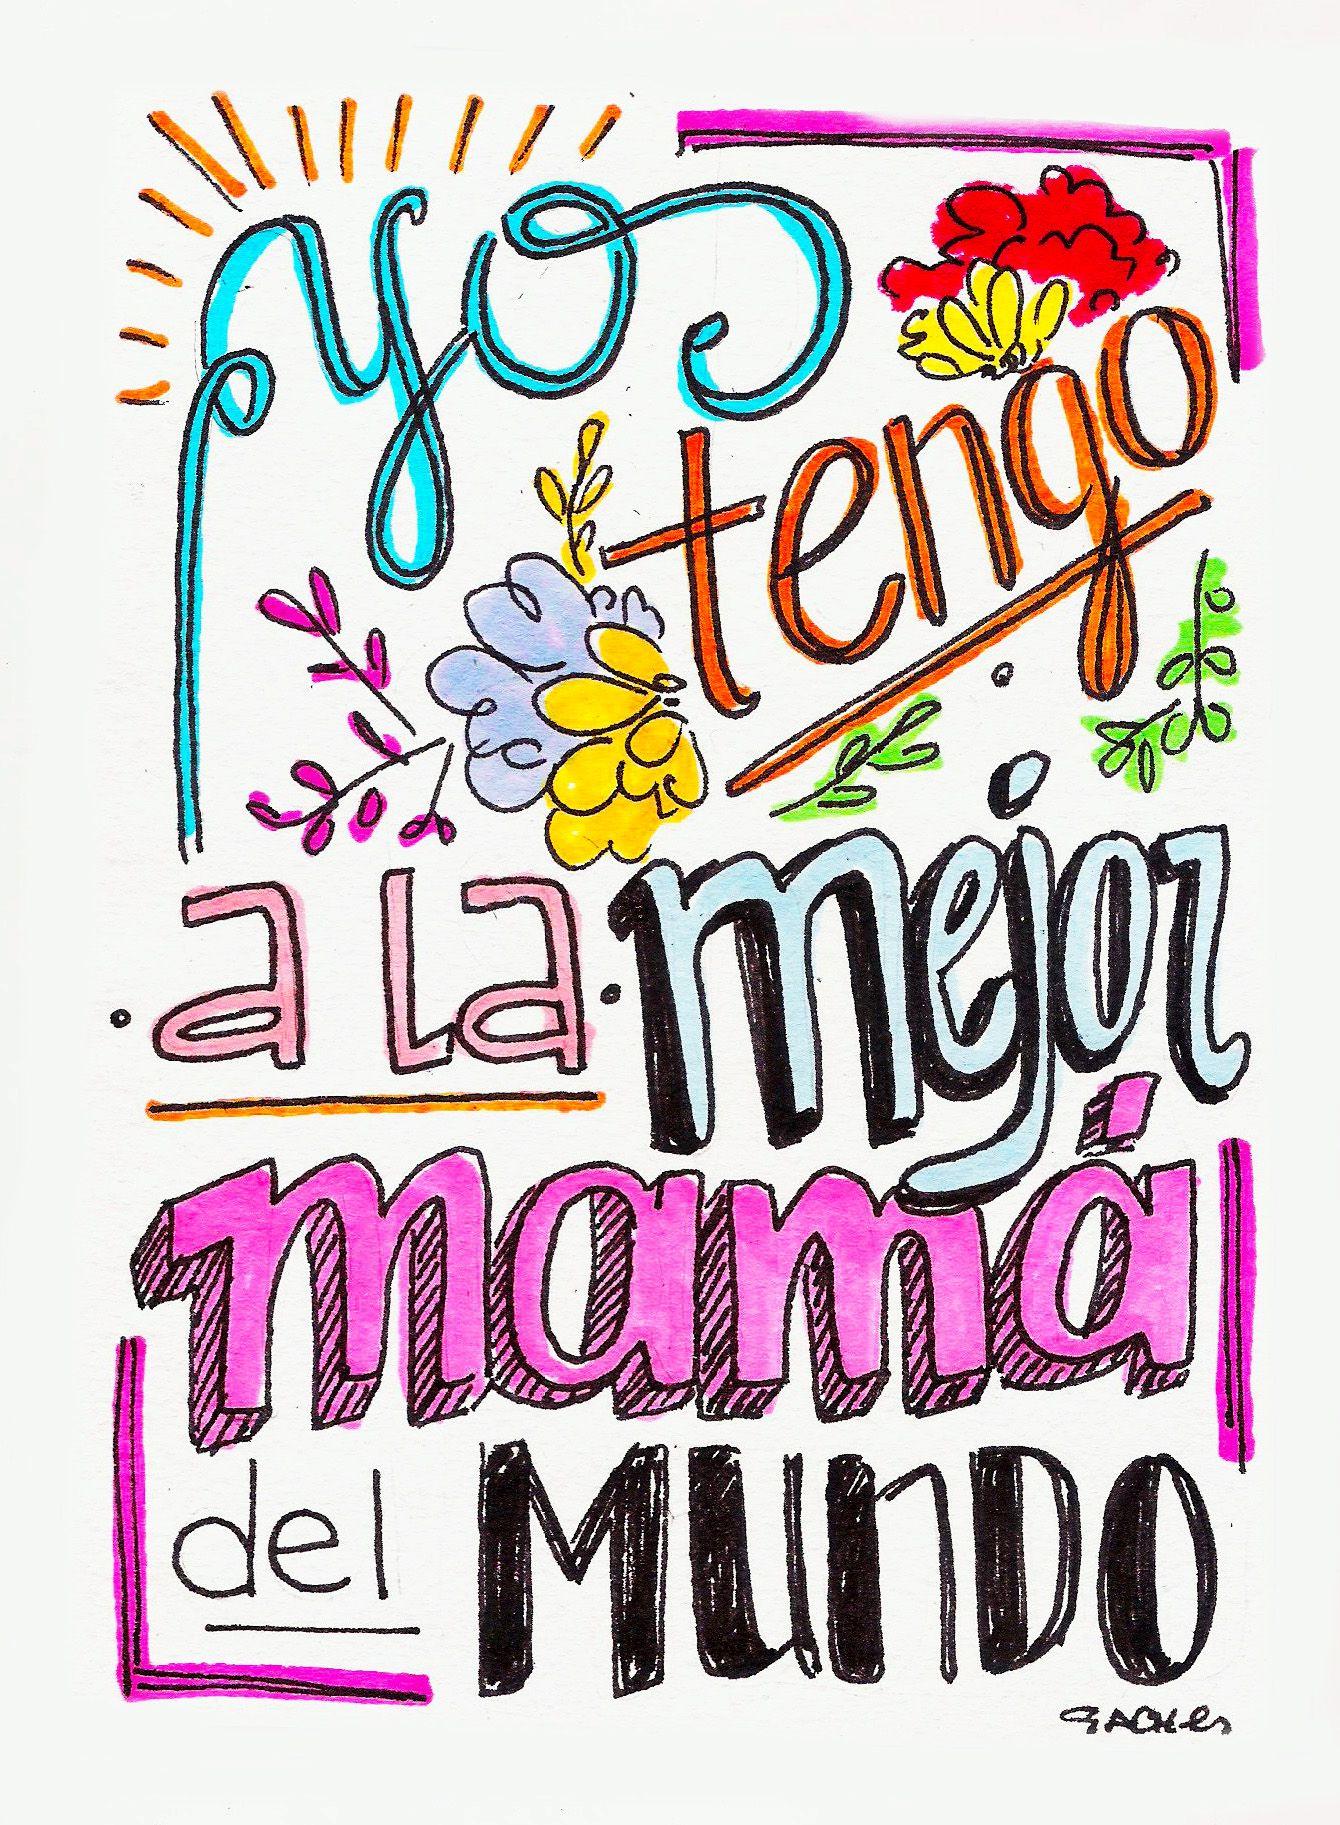 Pin de Andrea Sanz en Ideas | Pinterest | La mejor mamá, Feliz día ...